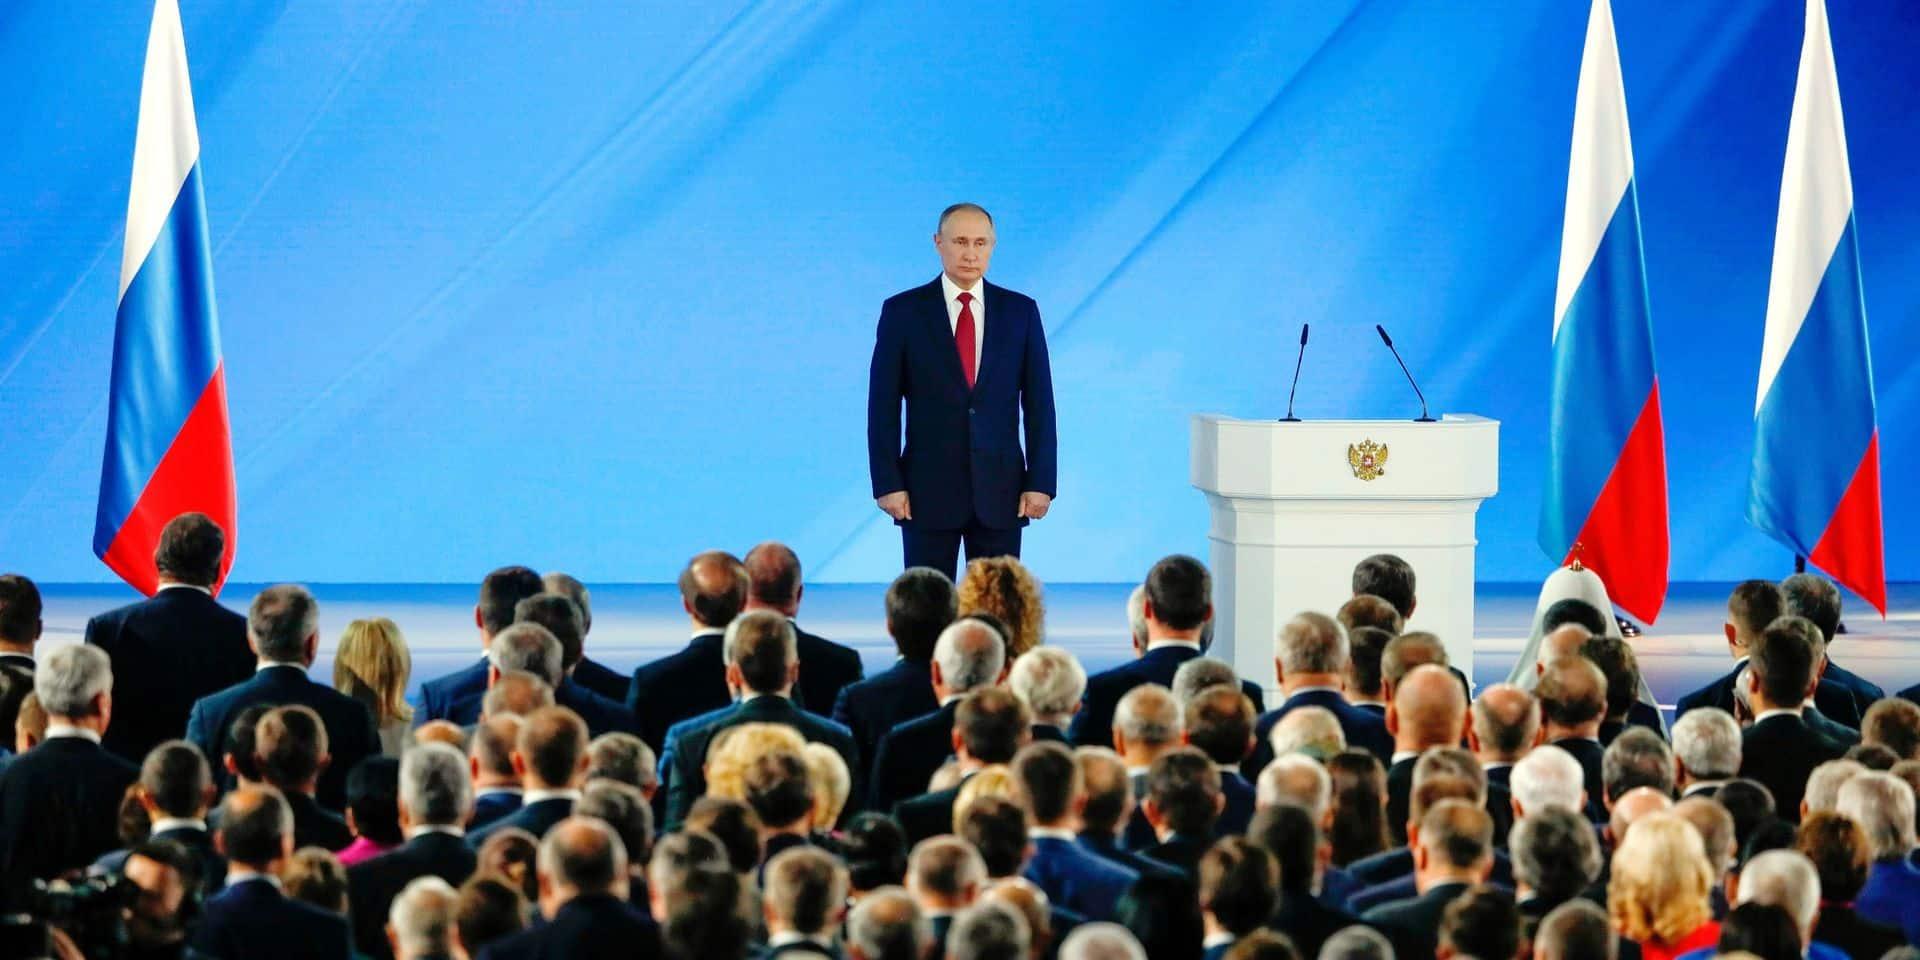 Le nouveau Poutine suscite de nombreuses spéculations